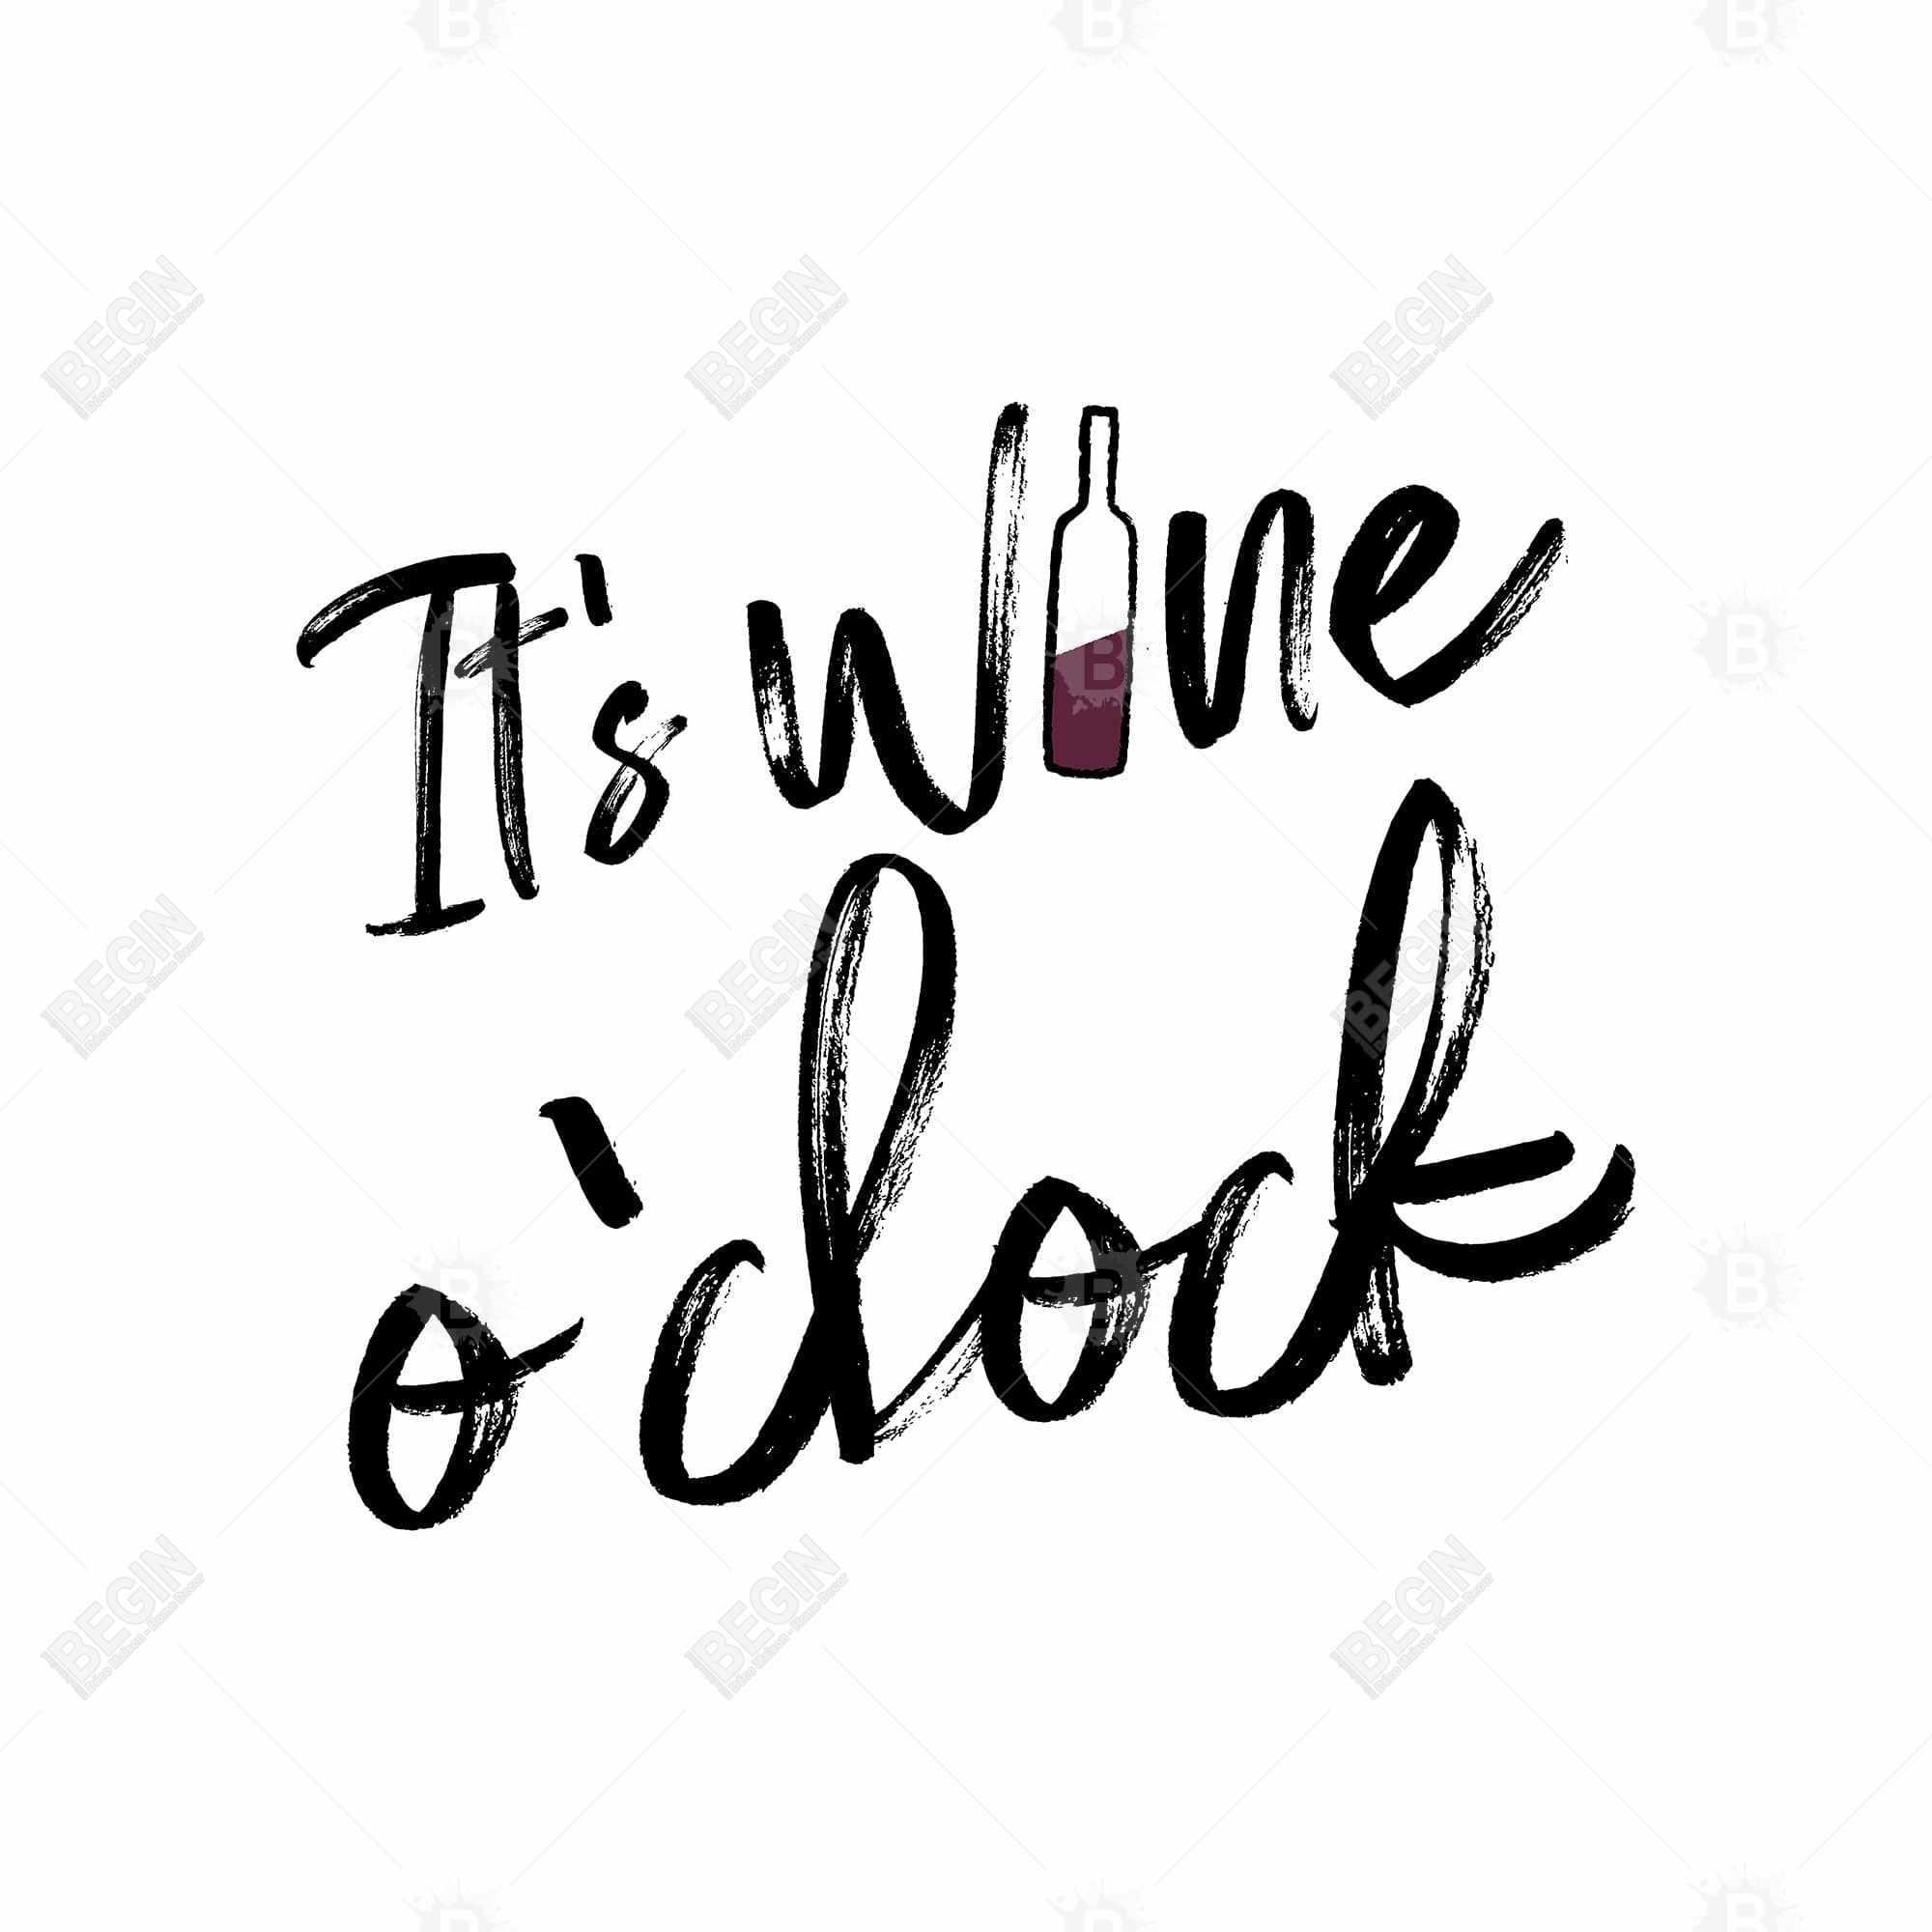 C'est l'heure du vin ii